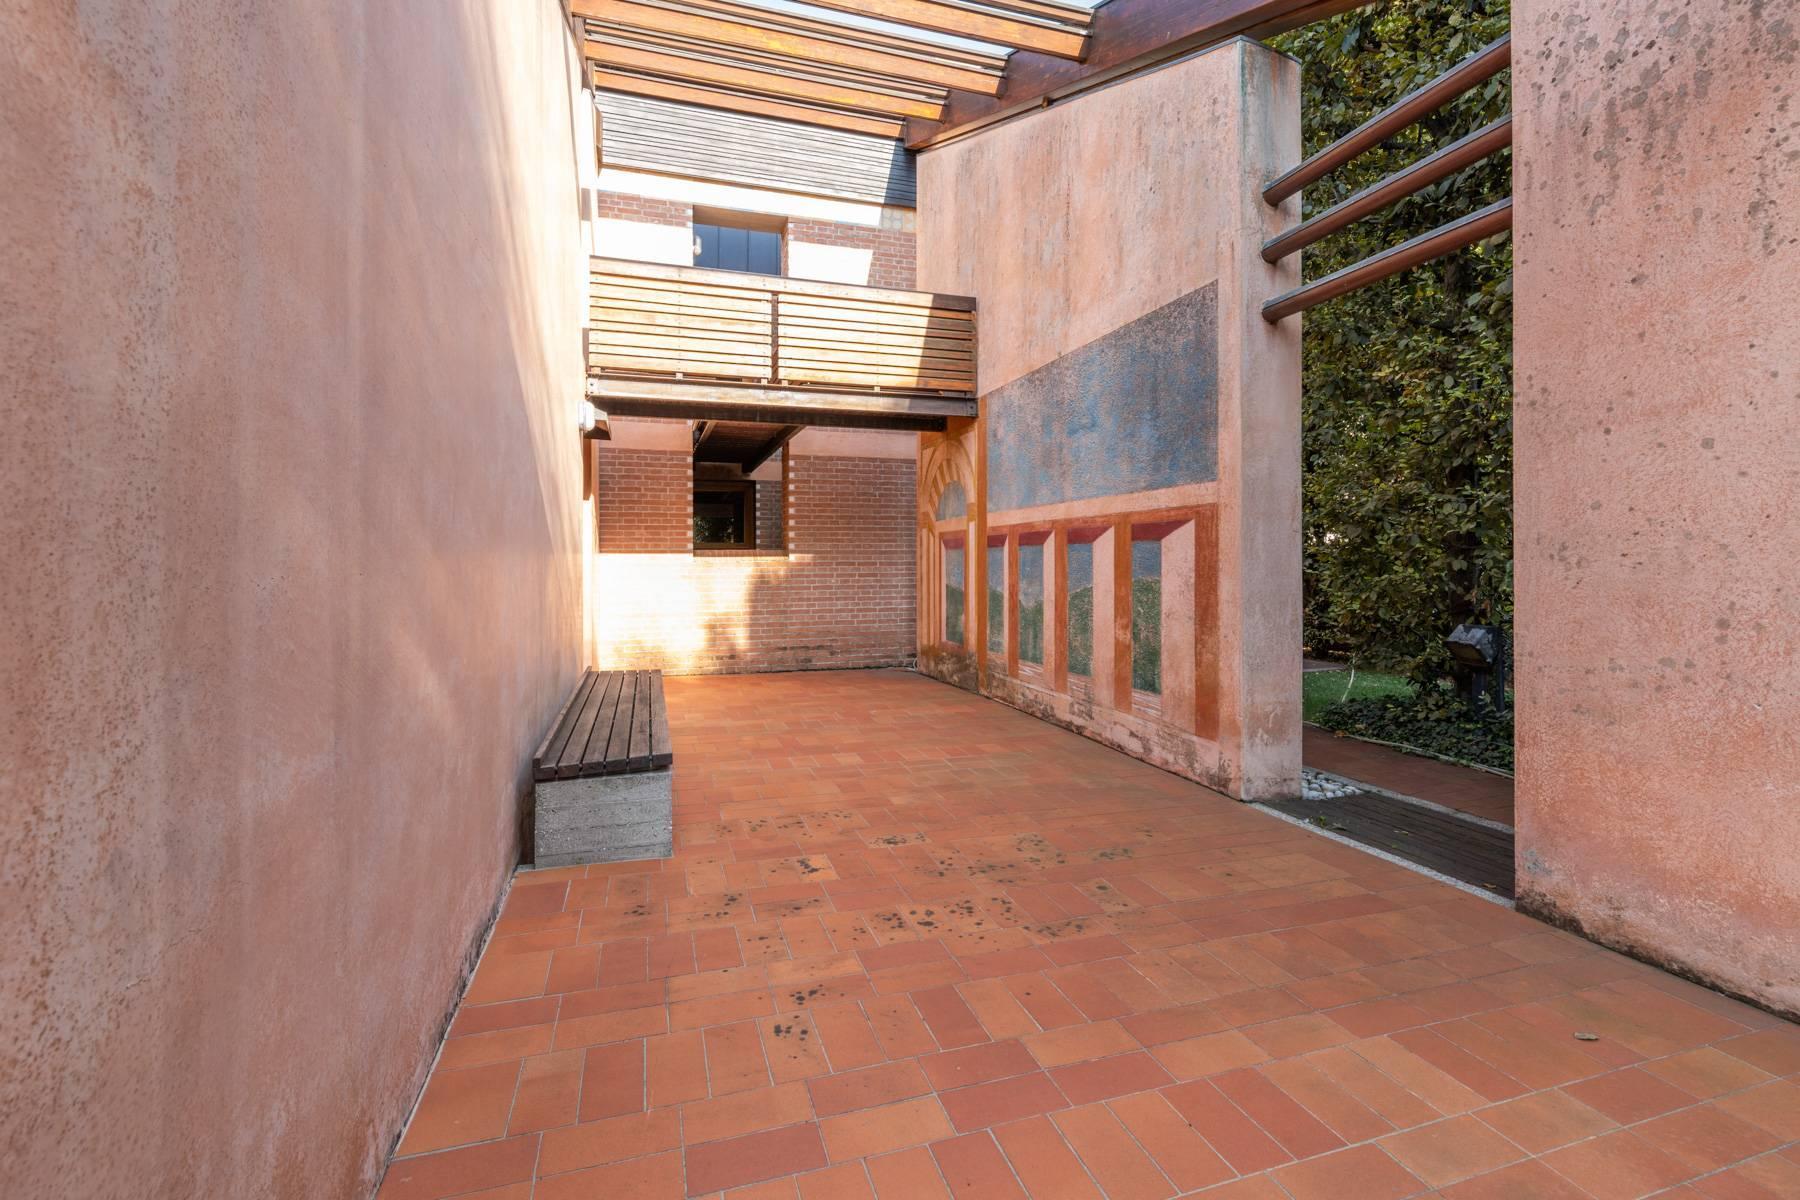 Raffinata Villa d'autore con giardino ed opere d'arte nel centro della città - 23